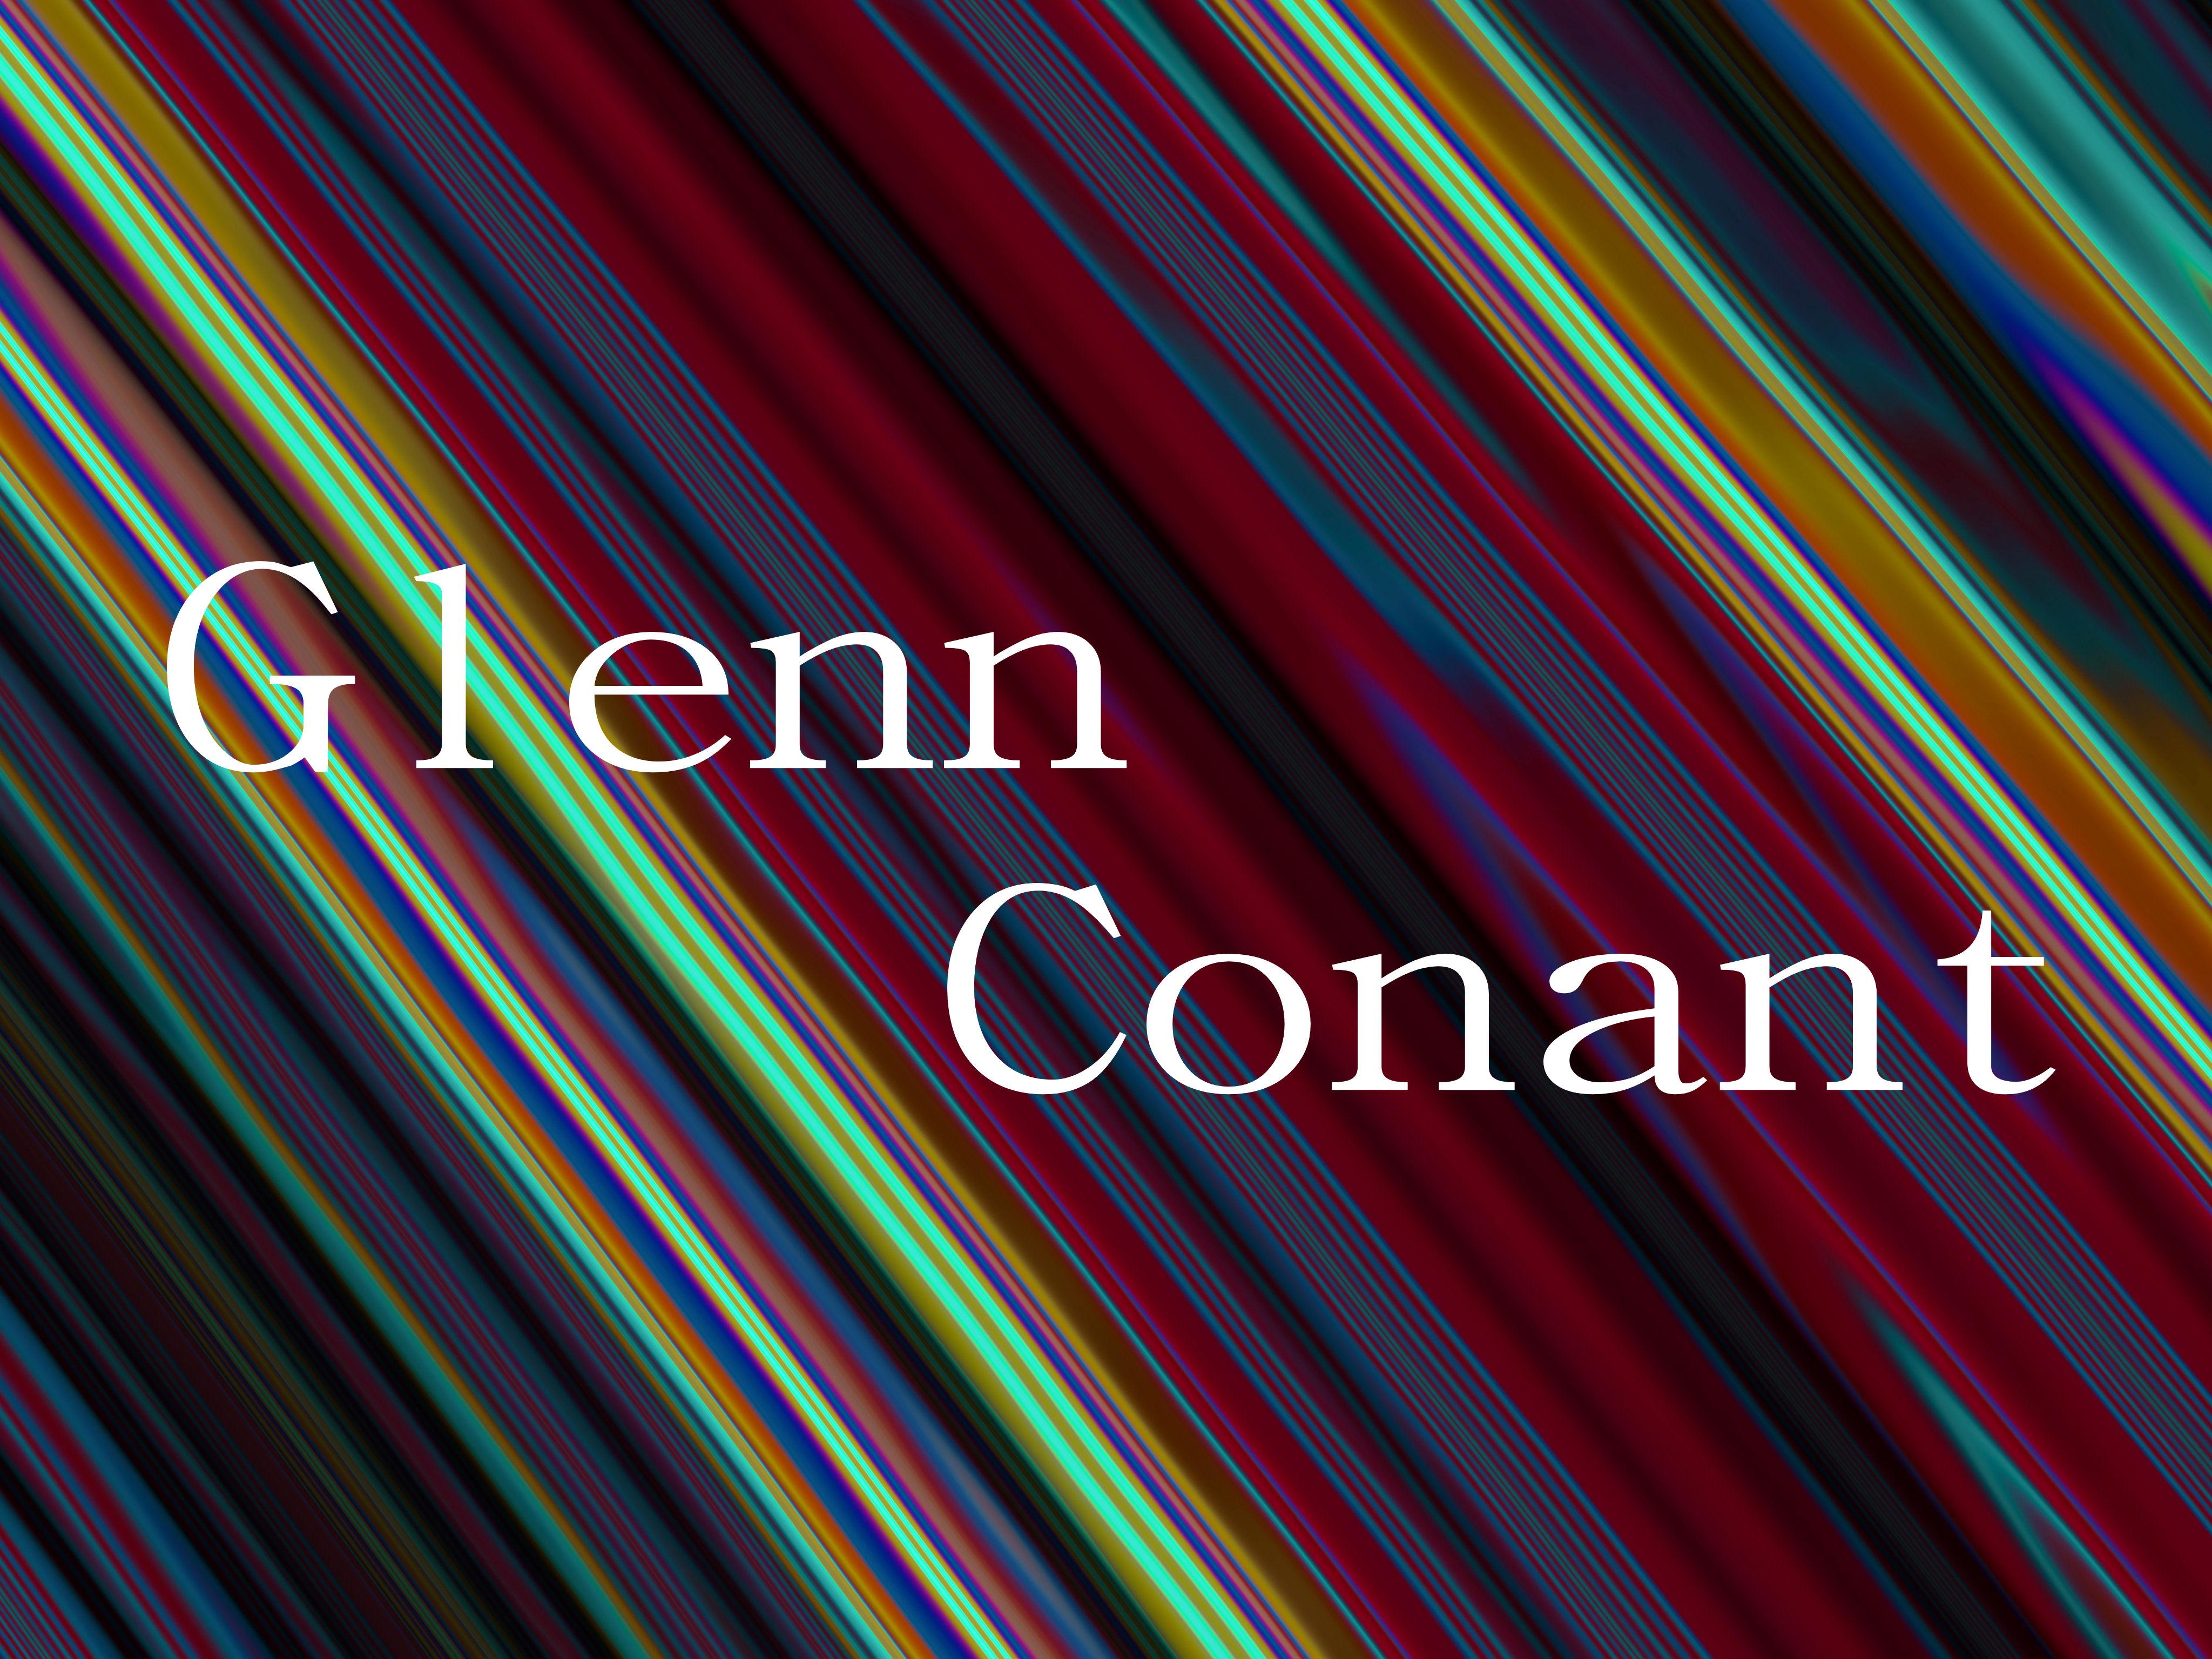 Glenn Conant's Signature